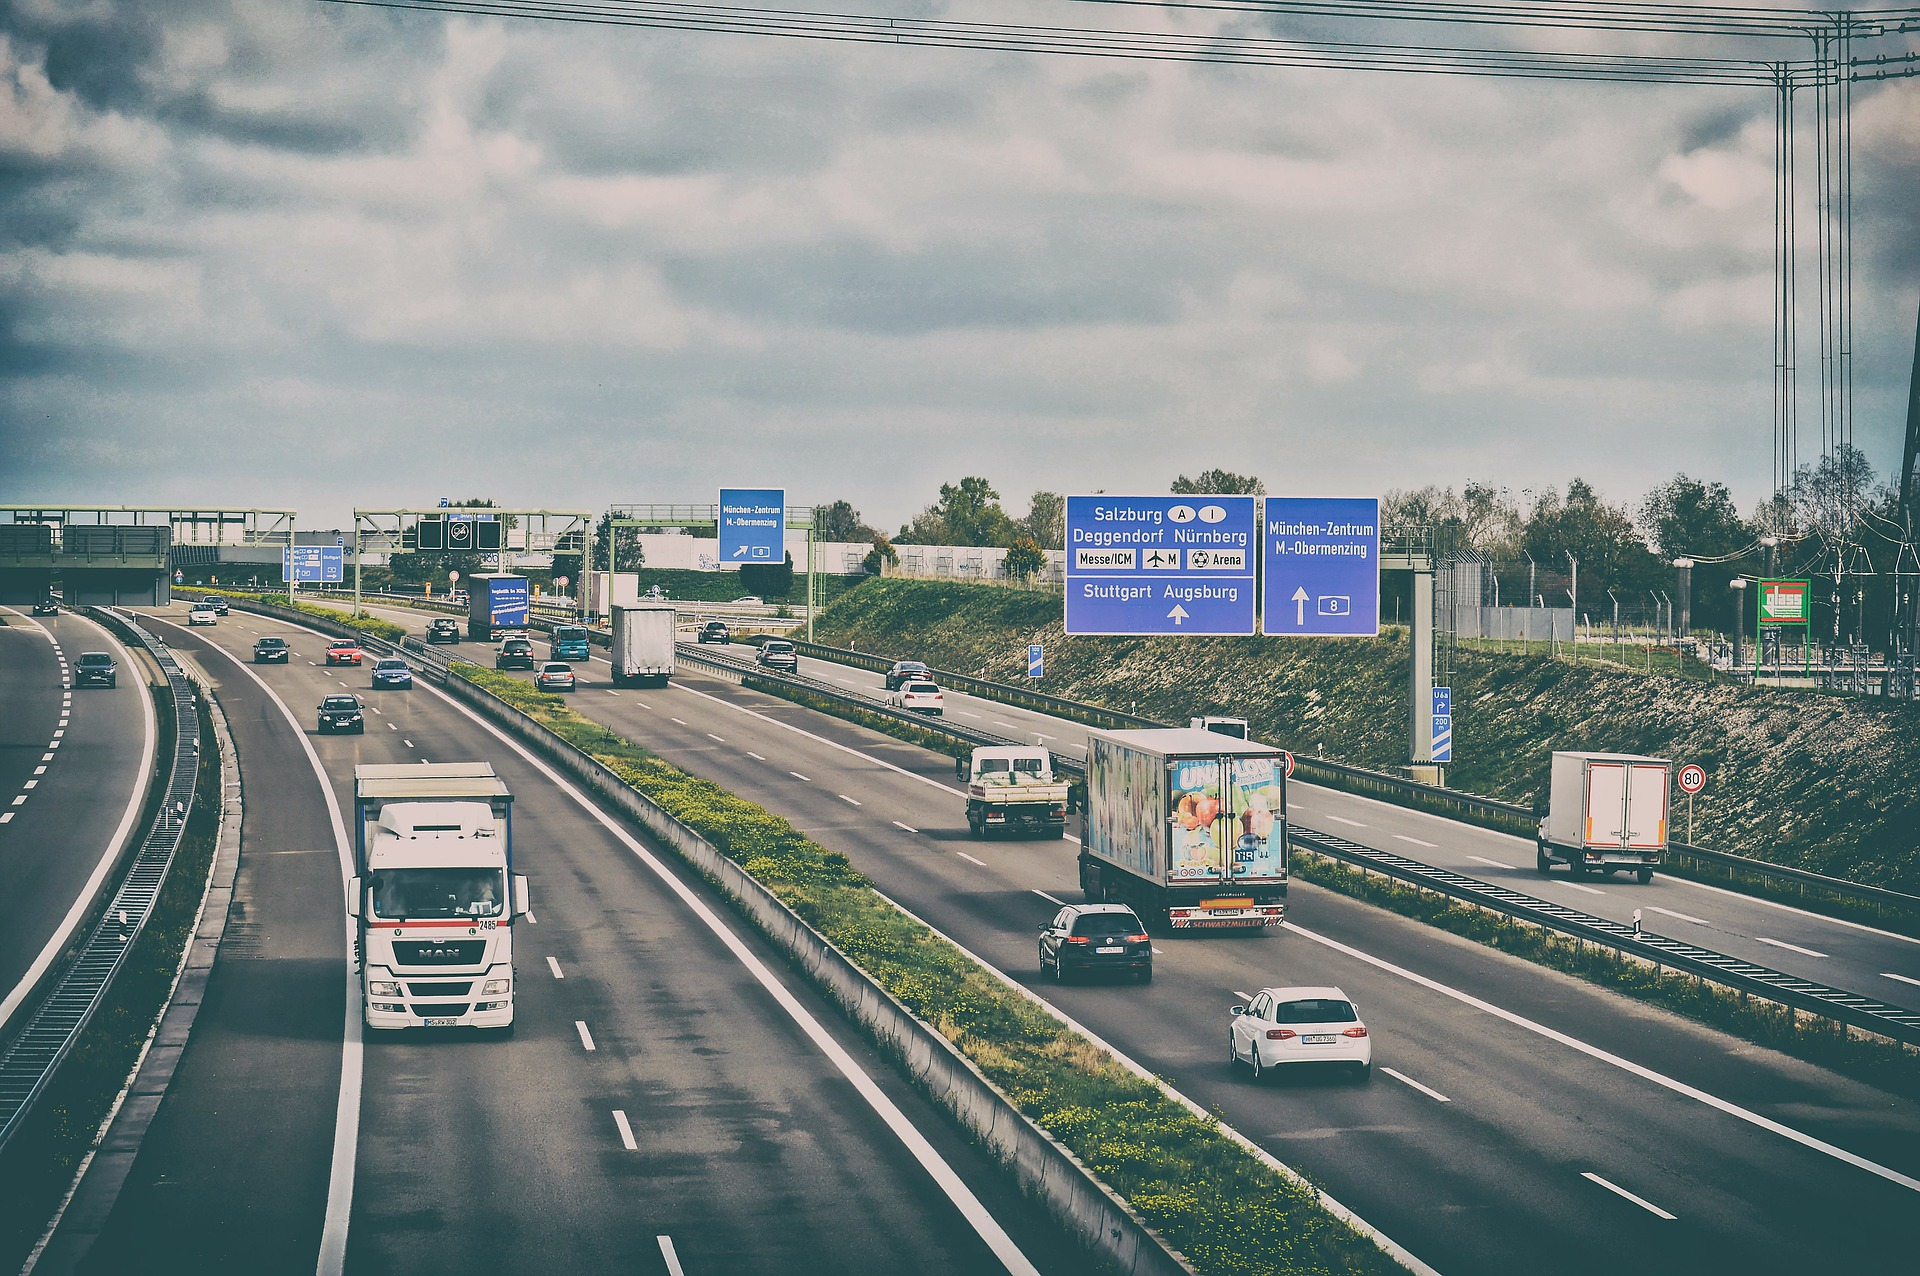 Confartigianato Trasporti, dieci motivi per non aumentare l'accisa sul gasolio